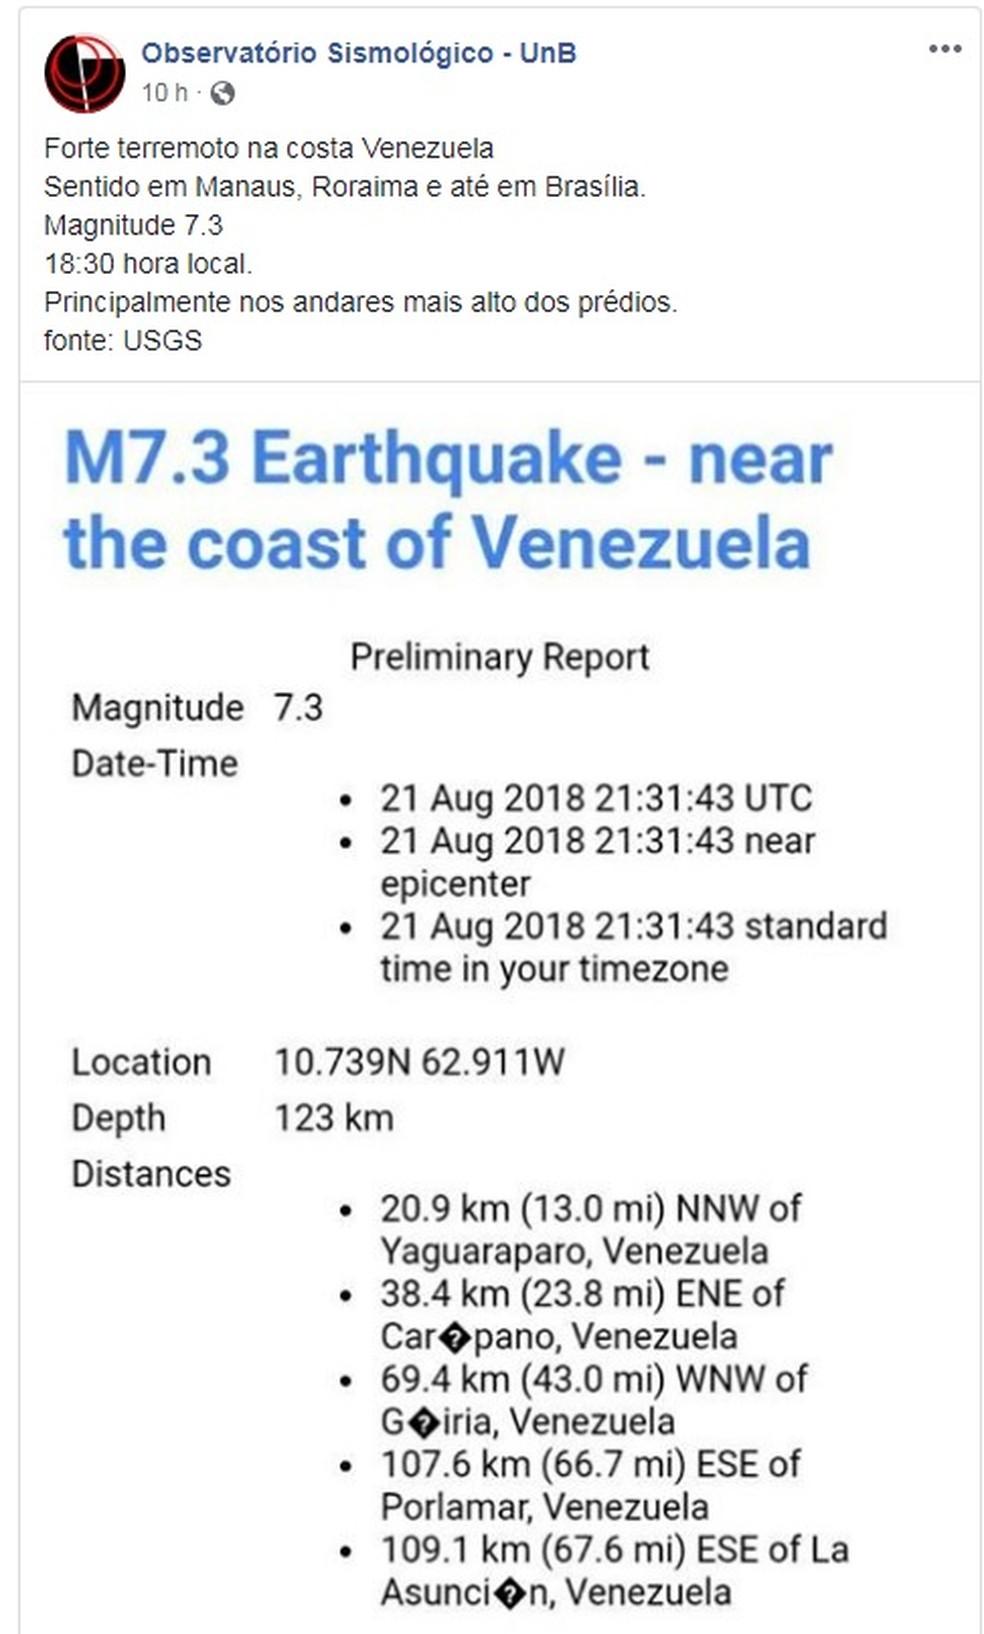 Observatório Sismológico da UnB confirma reflexo de terremoto de magnitude 7,3 ocorrido na Venezuela (Foto: Reprodução/Facebook)